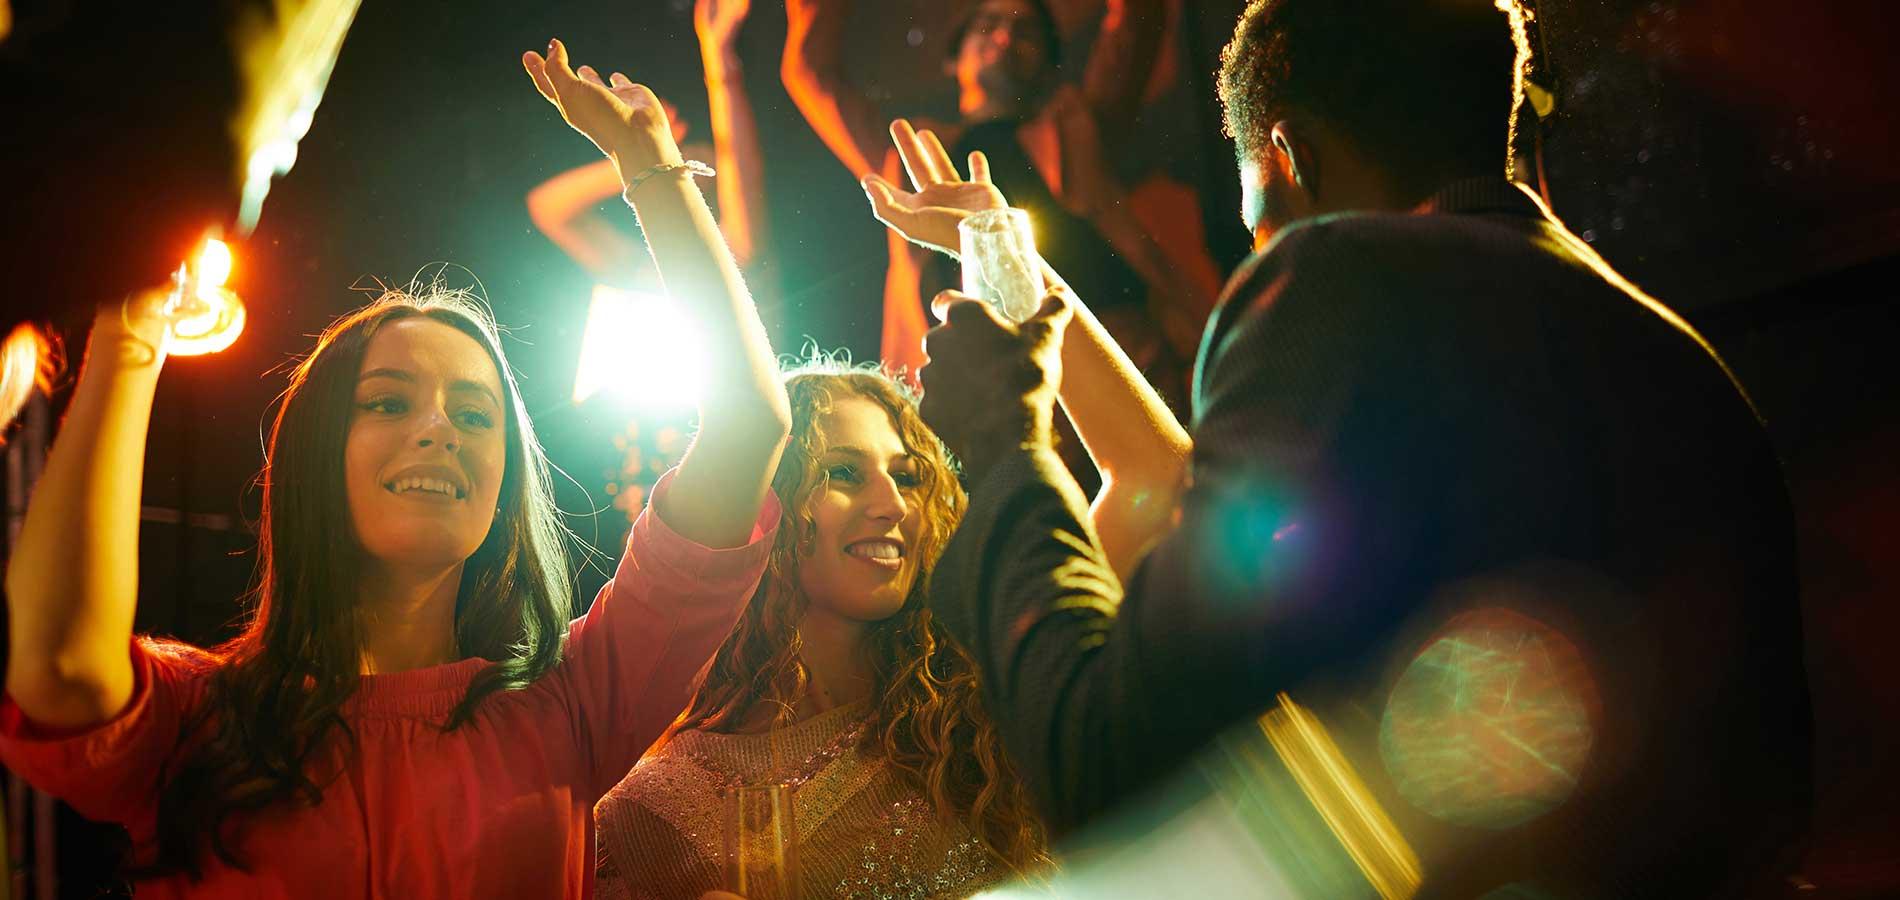 Ragazzi che bellano in occasione di una festa di laurea